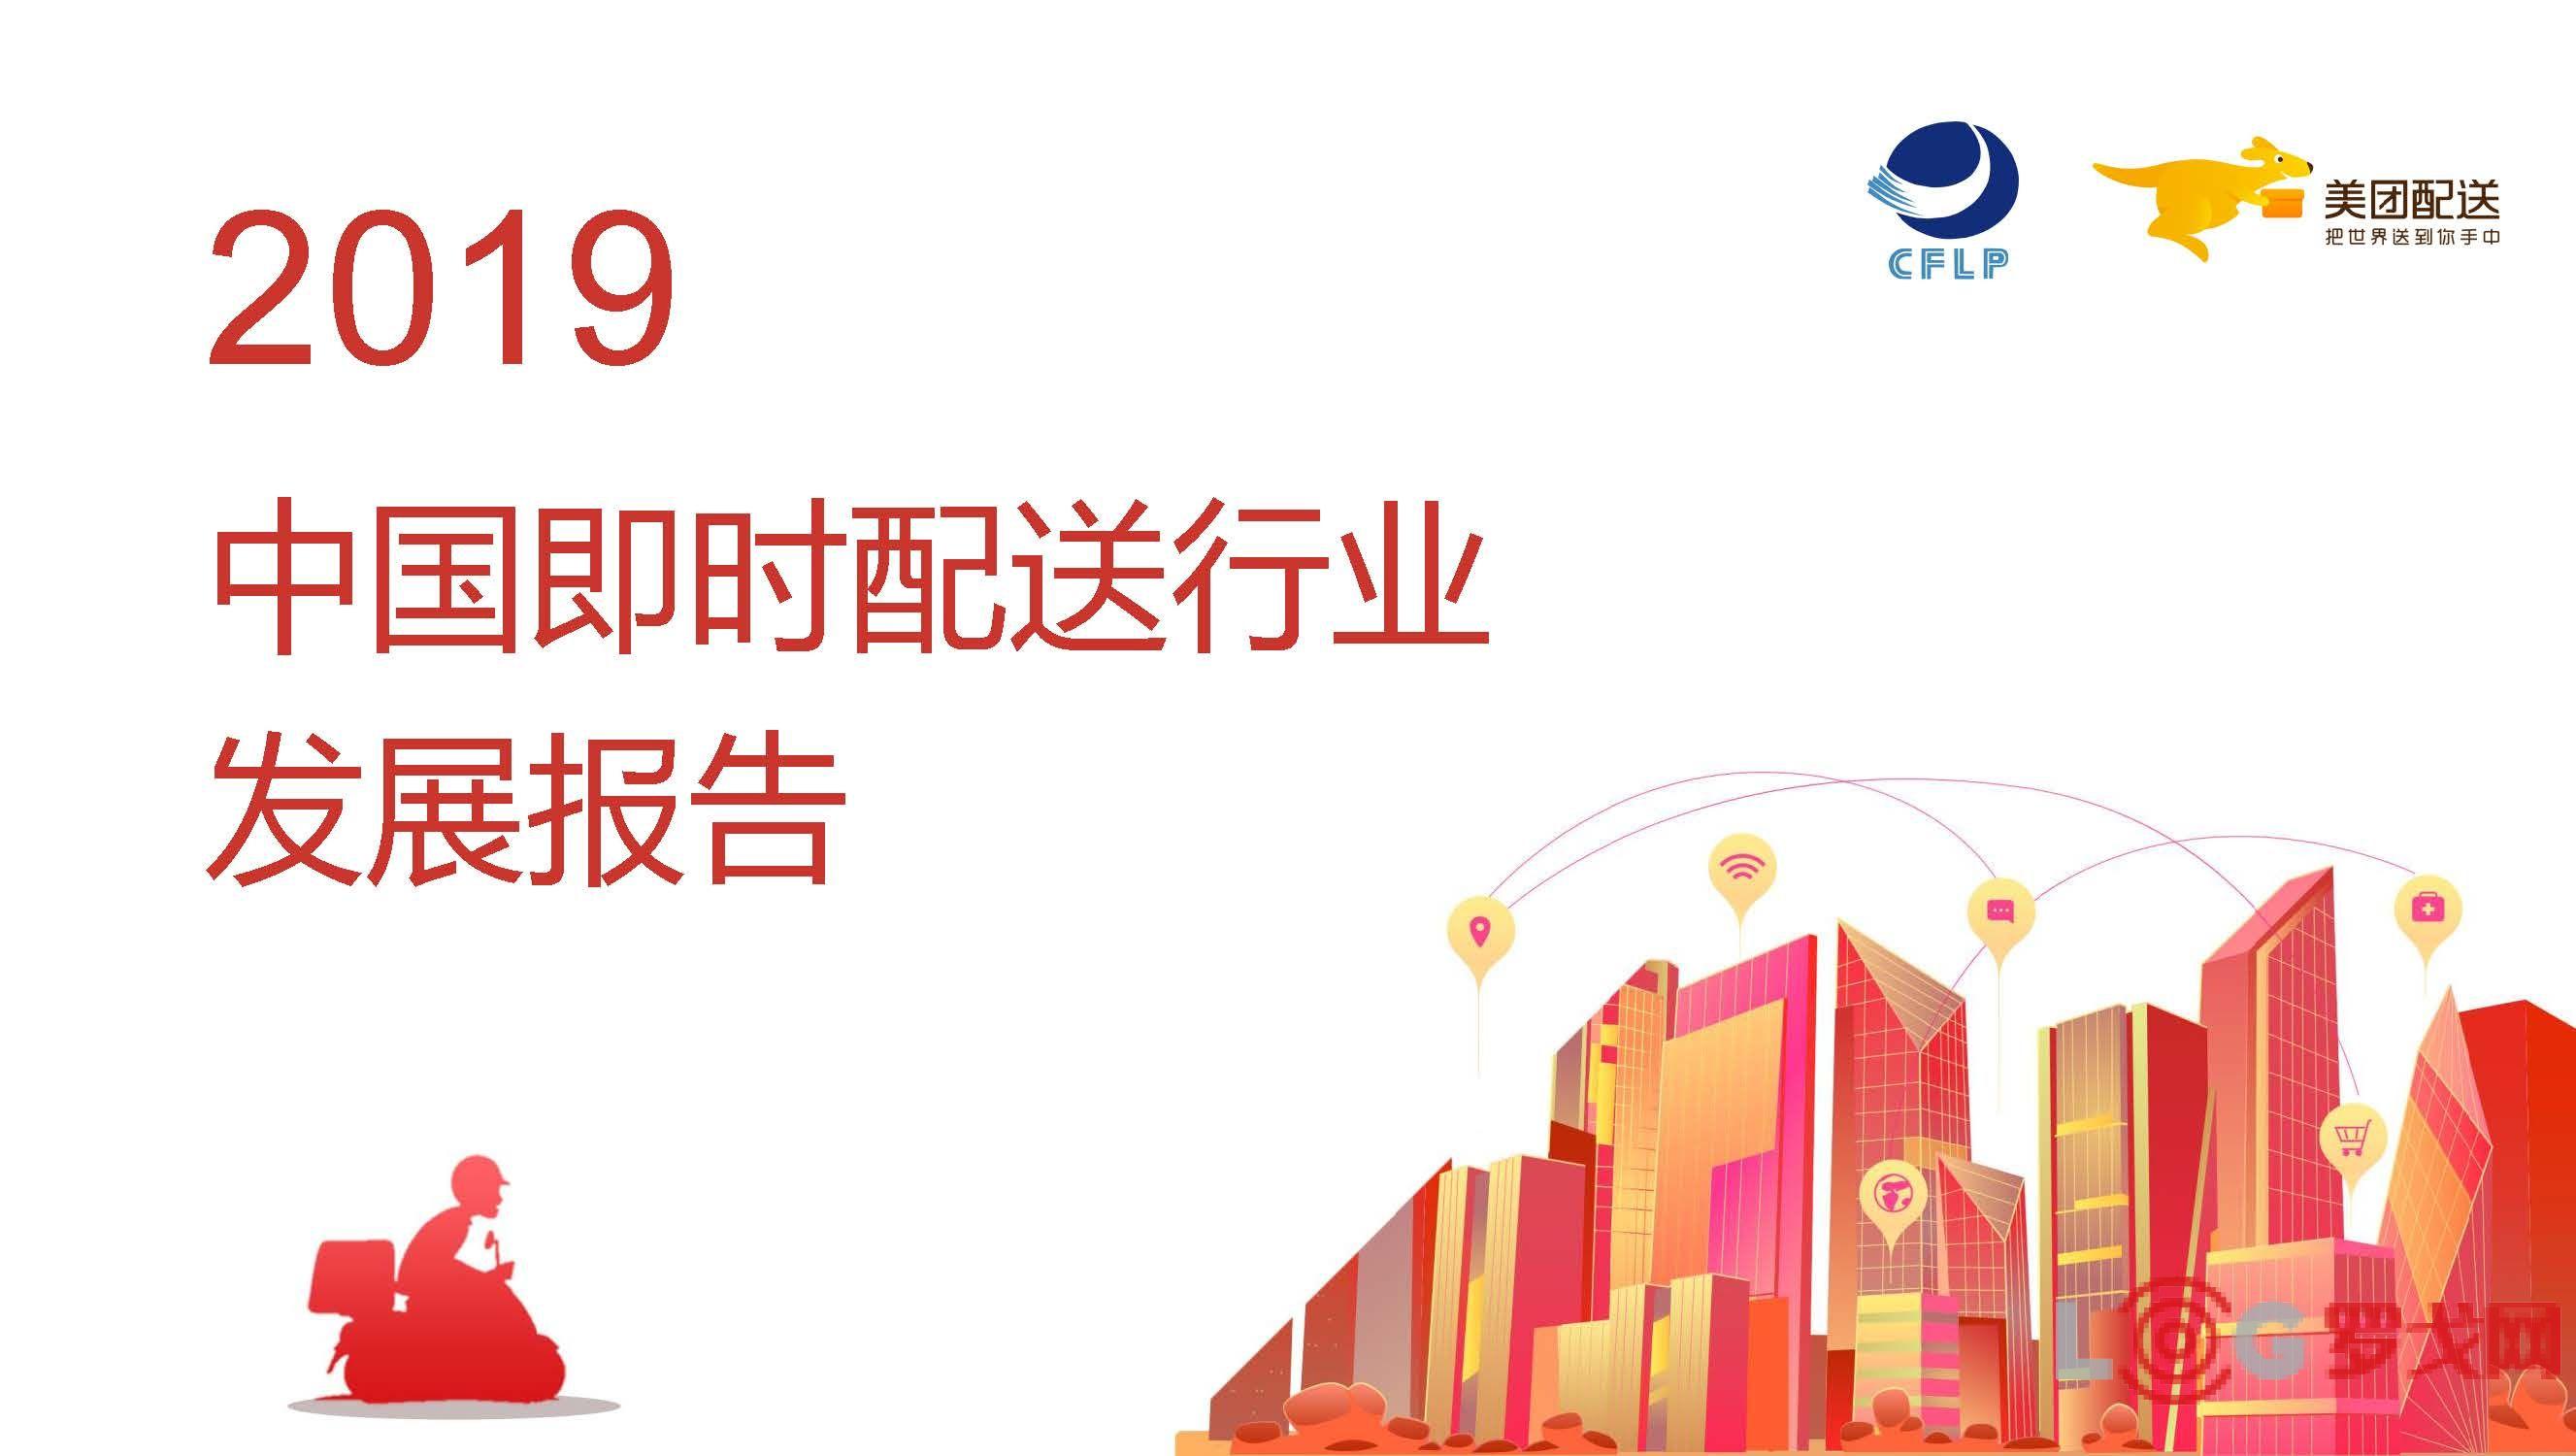 2019中国即时配送行业发展报告